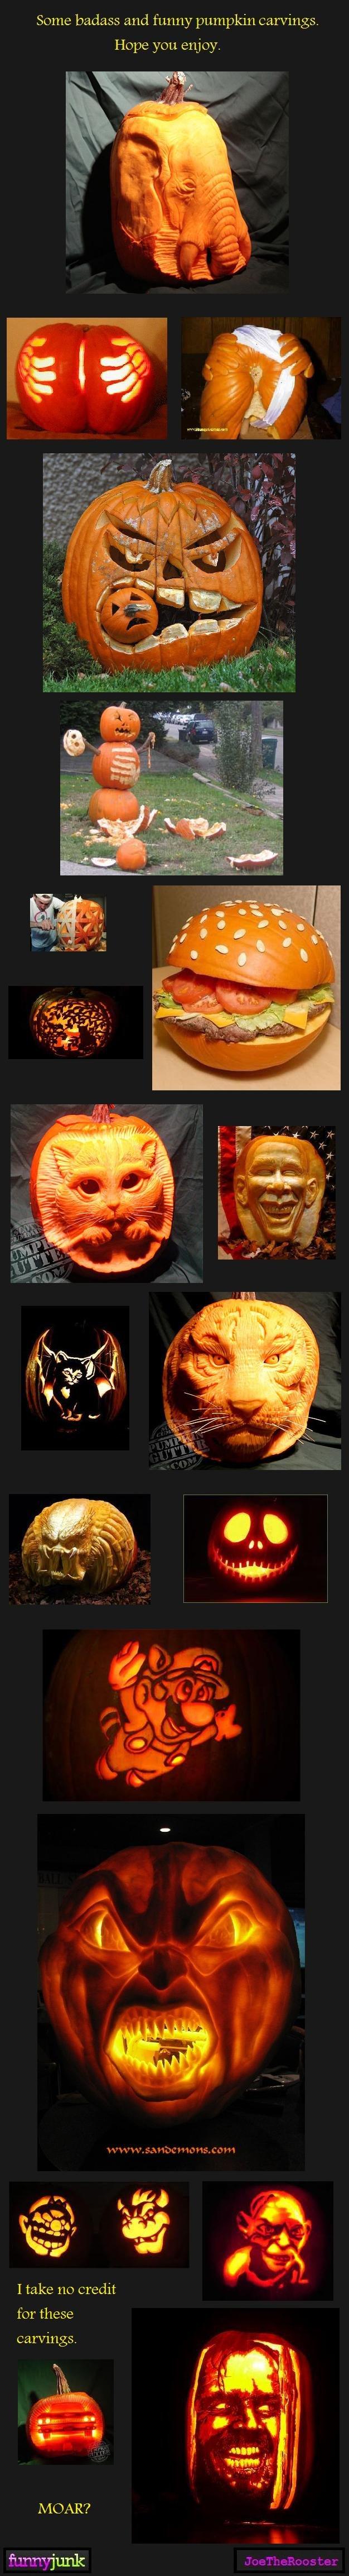 Pumpkin carvings 1. Moar<br /> www.funnyjunk.com/funny_pictures/1116251/Pumpkin+carvings+2/<br /> www.funnyjunk.com/funny_pictures/1116264/Pumpkin+c